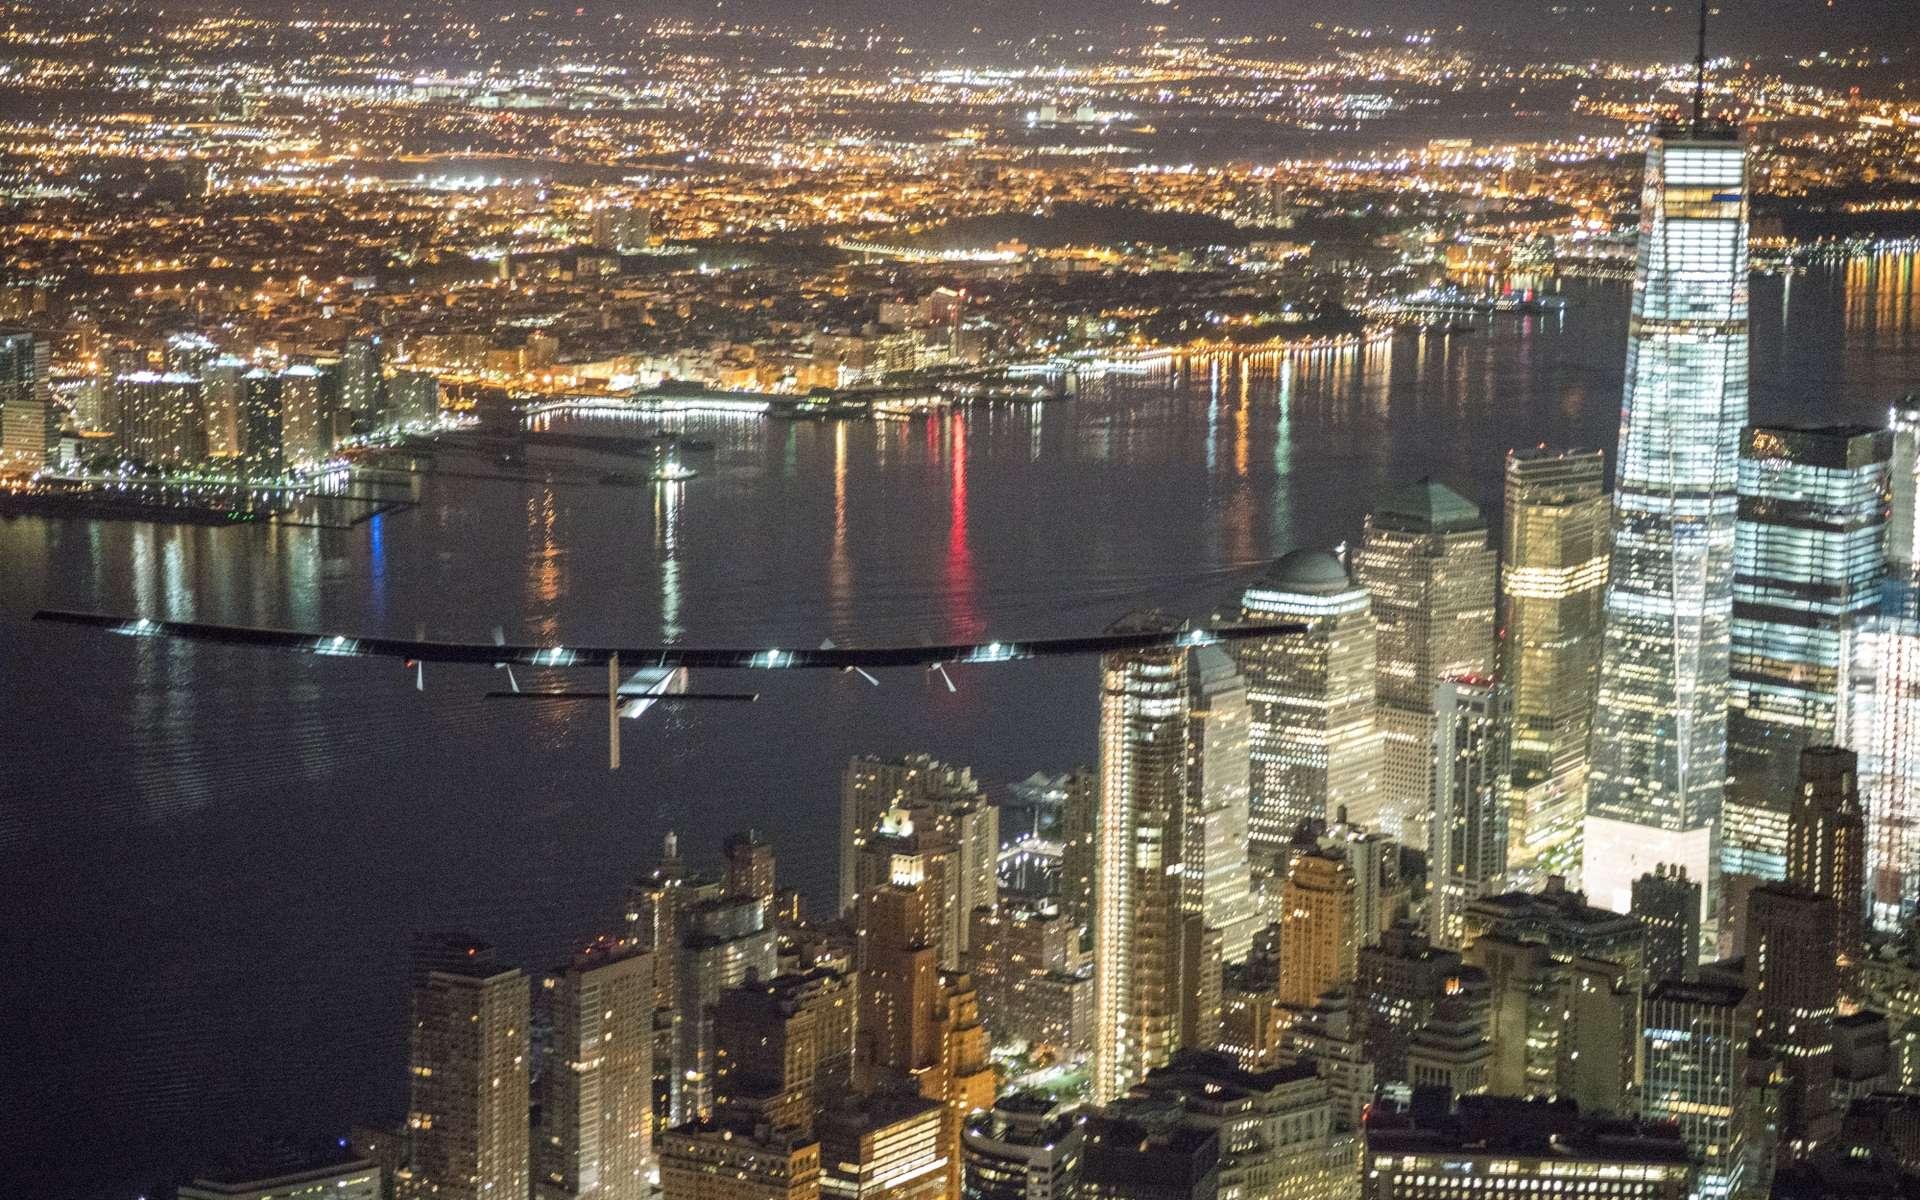 L'avion solaire de Solar Impulse le 11 juin dernier, au-dessus de Manhattan, à New York, pour la dernière étape de sa traversée des États-Unis. © Solar Impulse